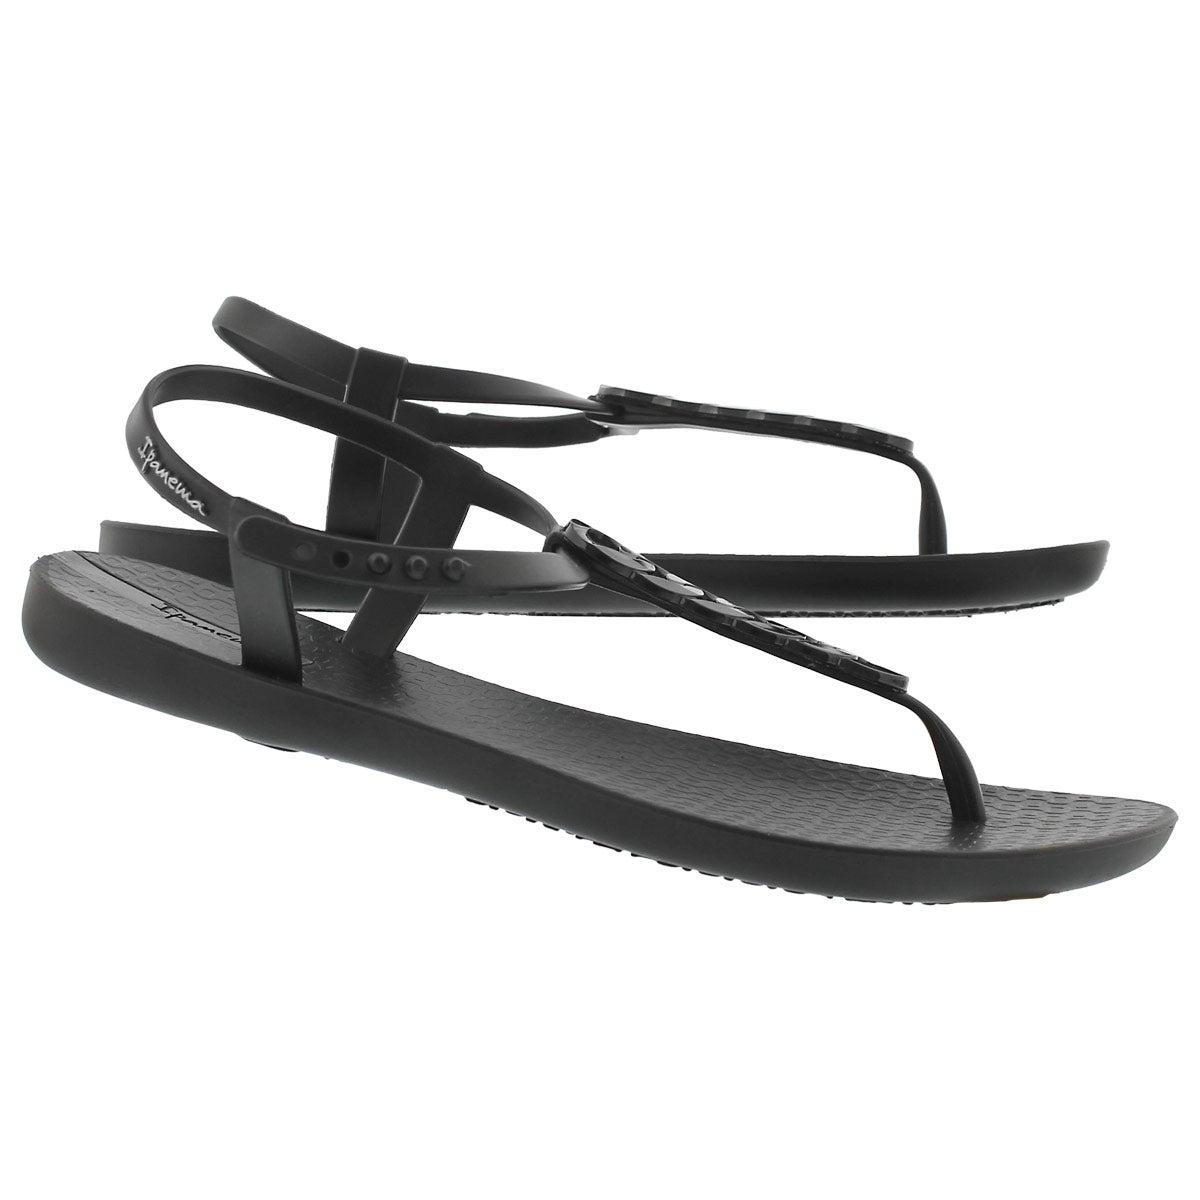 Lds Charm IV Sand blk/blk t-strap sandal